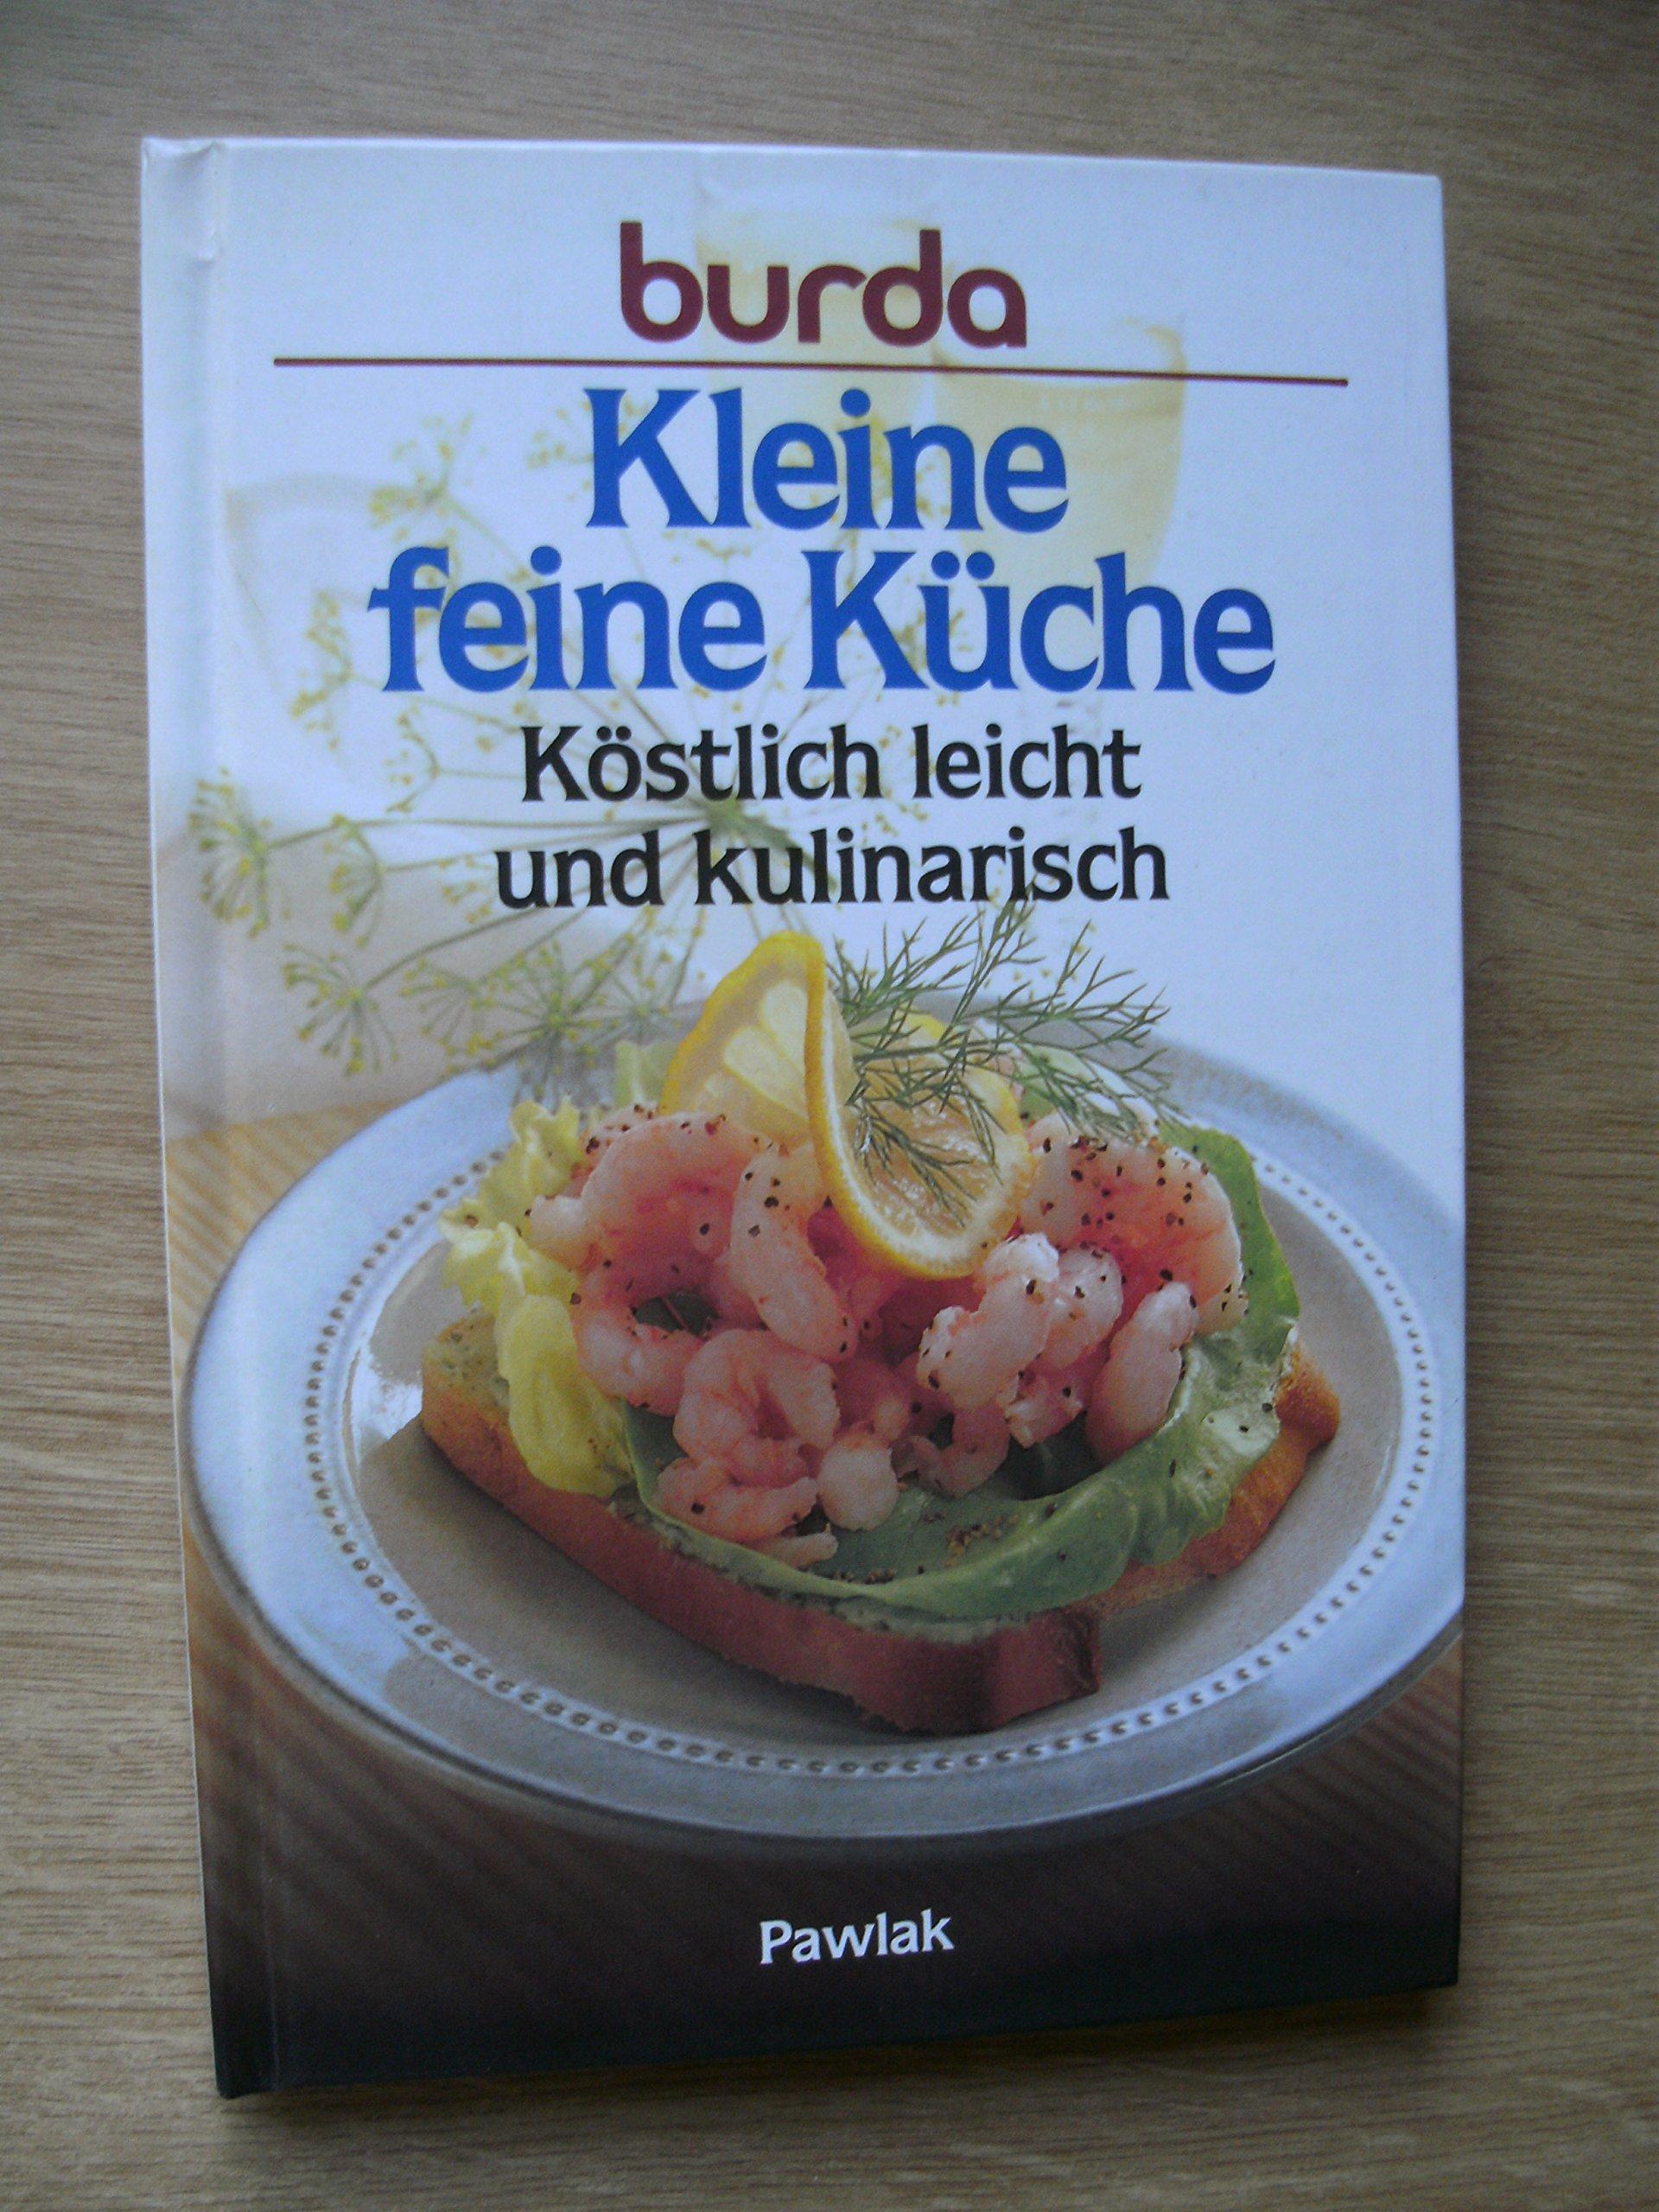 Kleine feine Küche Köstlich leicht und kulinarisch: Amazon.de: Bücher